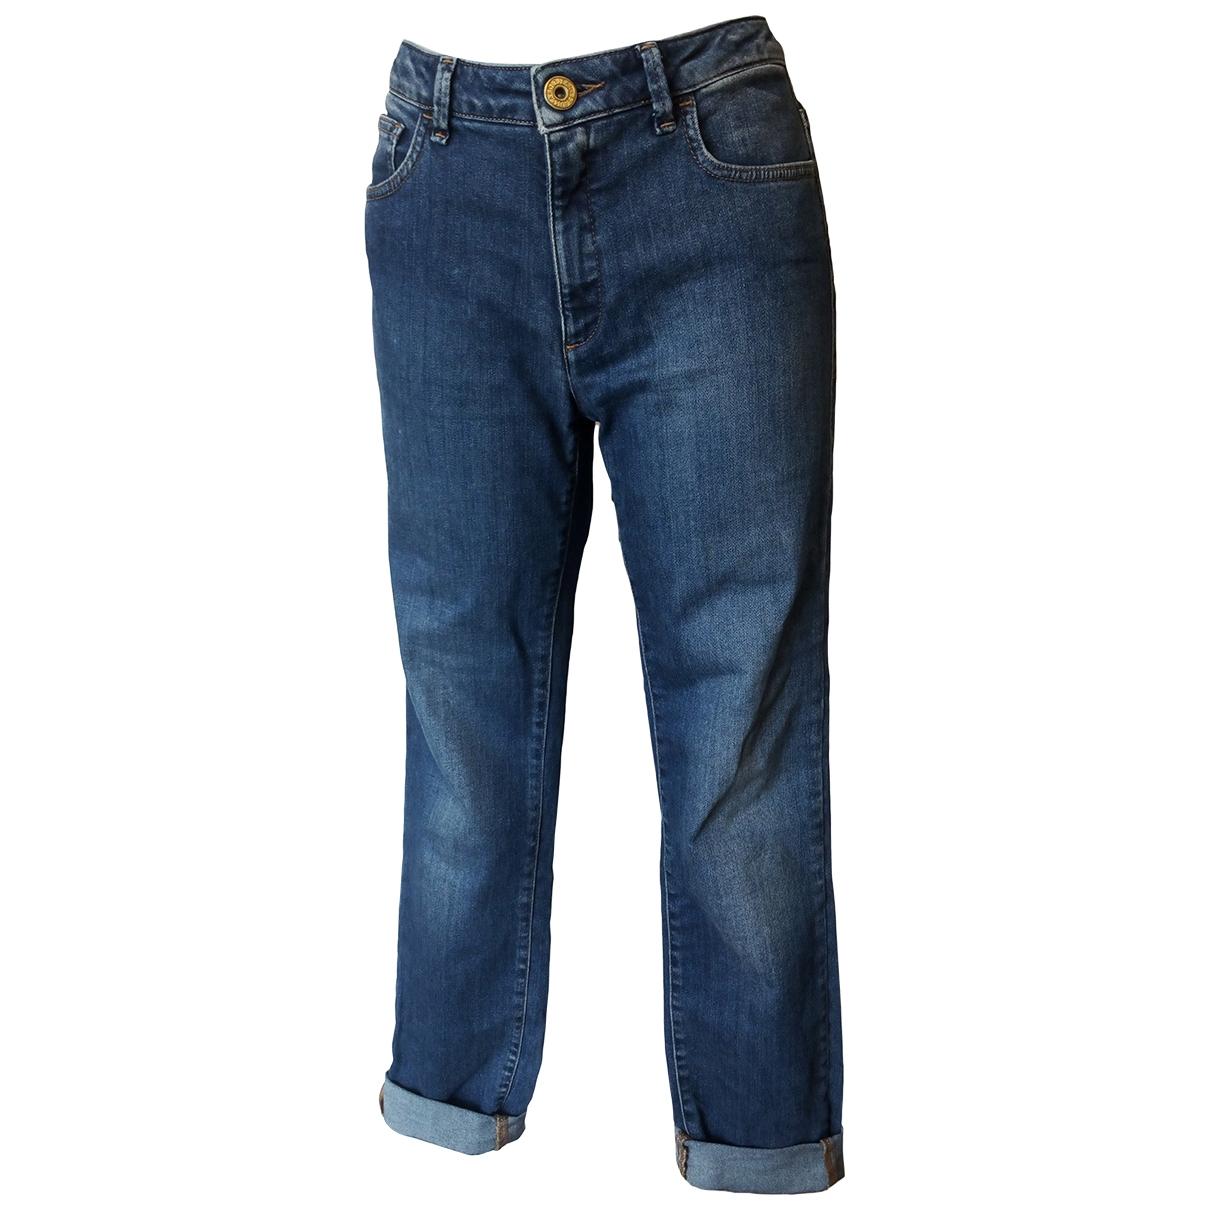 Vaquero Trussardi Jeans